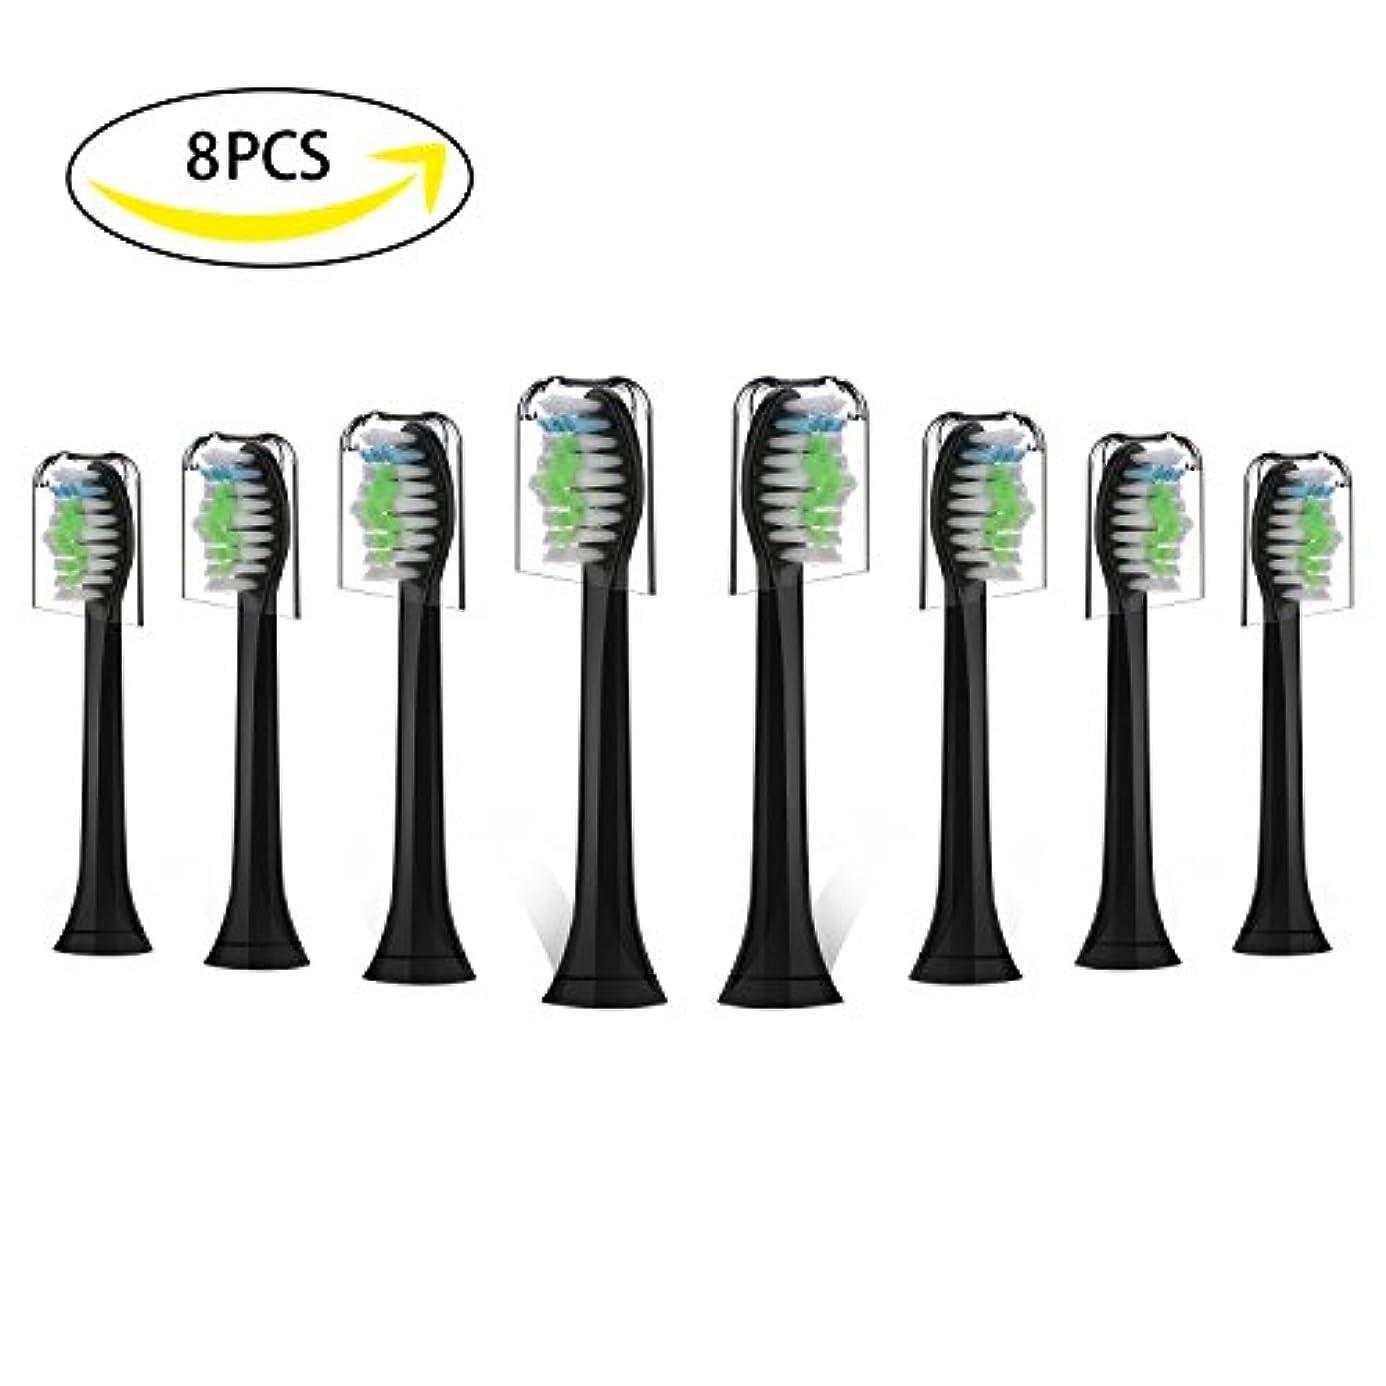 良さメロン非常にSonifresh 交換ヘッド歯ブラシ用ヘッドセットフィリップソニカ電気歯ブラシ - プラークコントロールガム 健康ダイヤモンド クリーンフレックス ケアイージークリーンとヘルシーホワイト 8パック 8パック